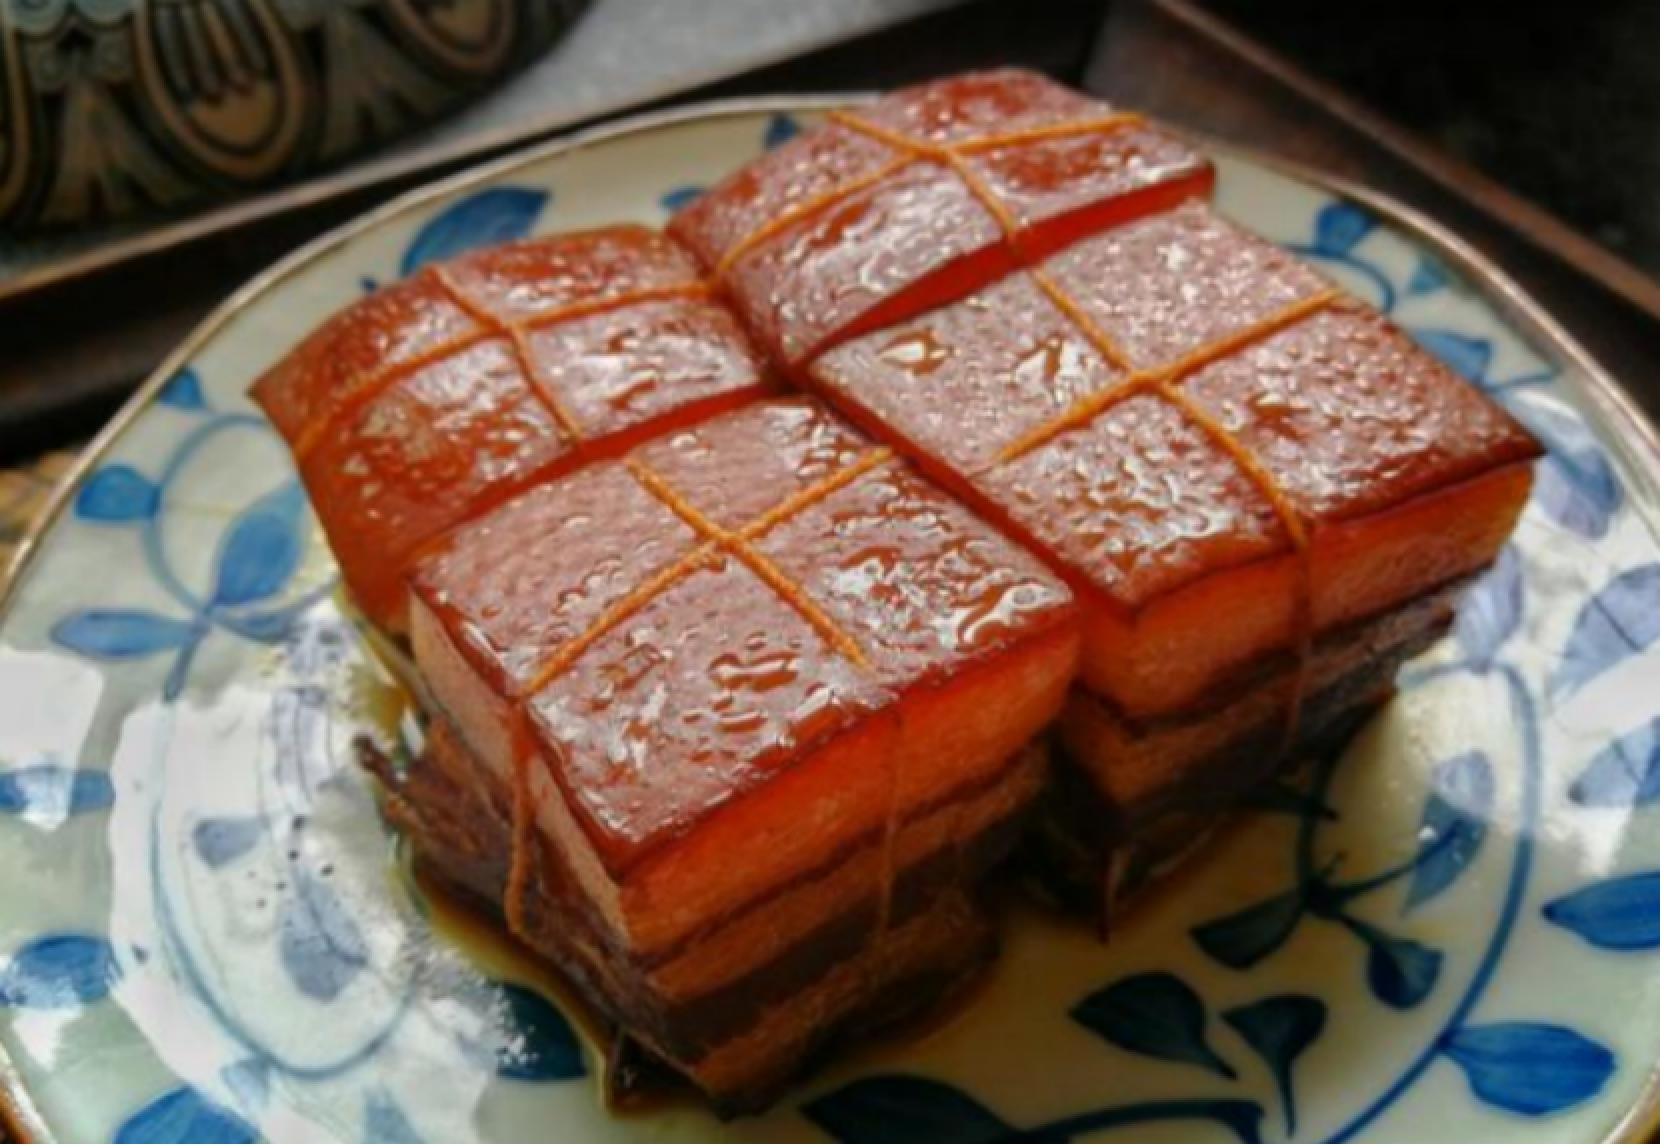 东坡肉的制作,不需要加一滴水,肥而不腻味道超赞